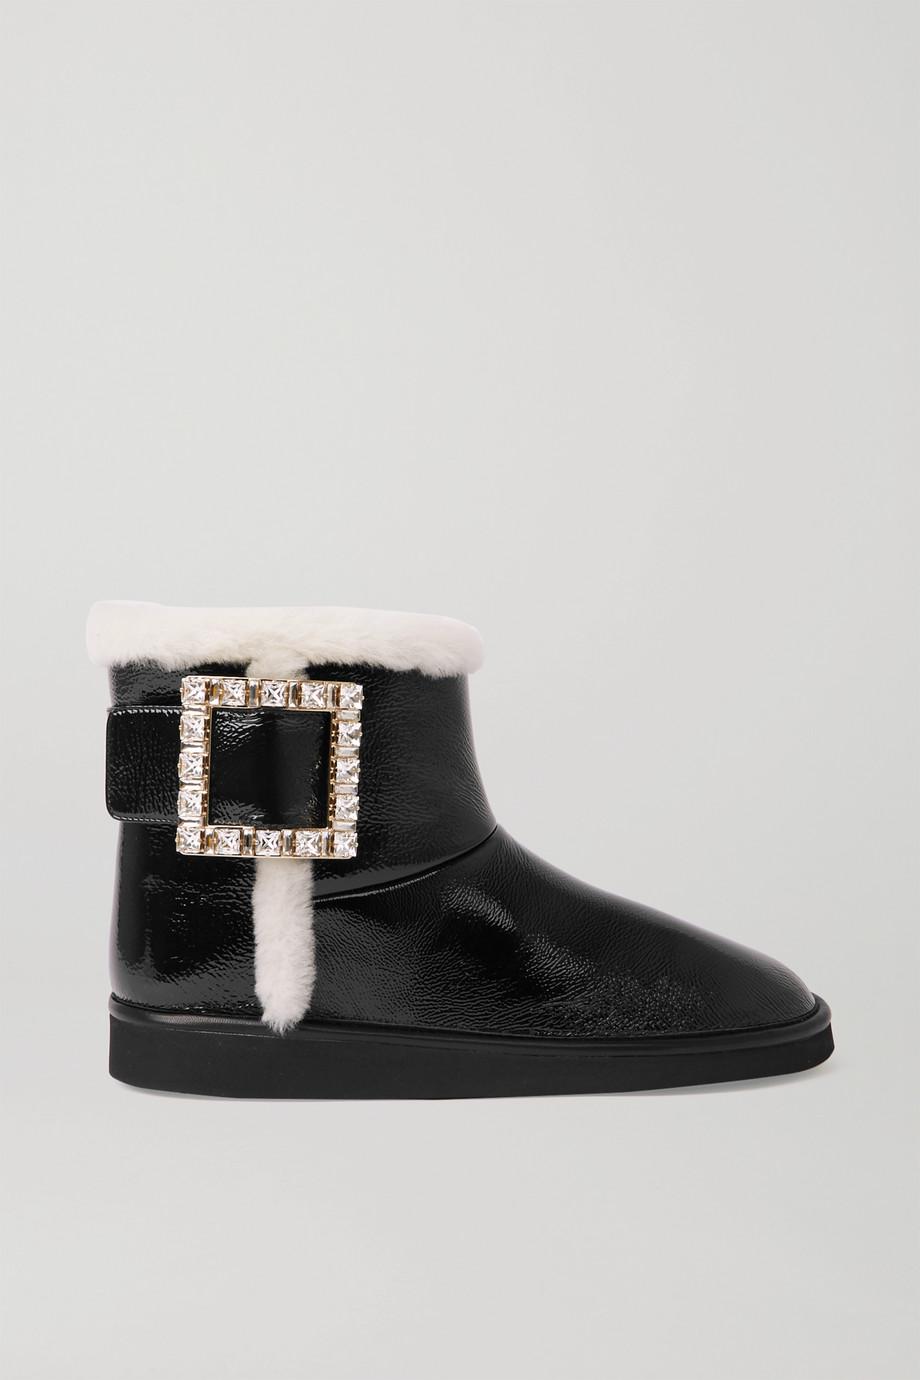 Roger Vivier Viv Snow Ankle Boots aus Lackleder mit Kristallen und Shearling-Besätzen